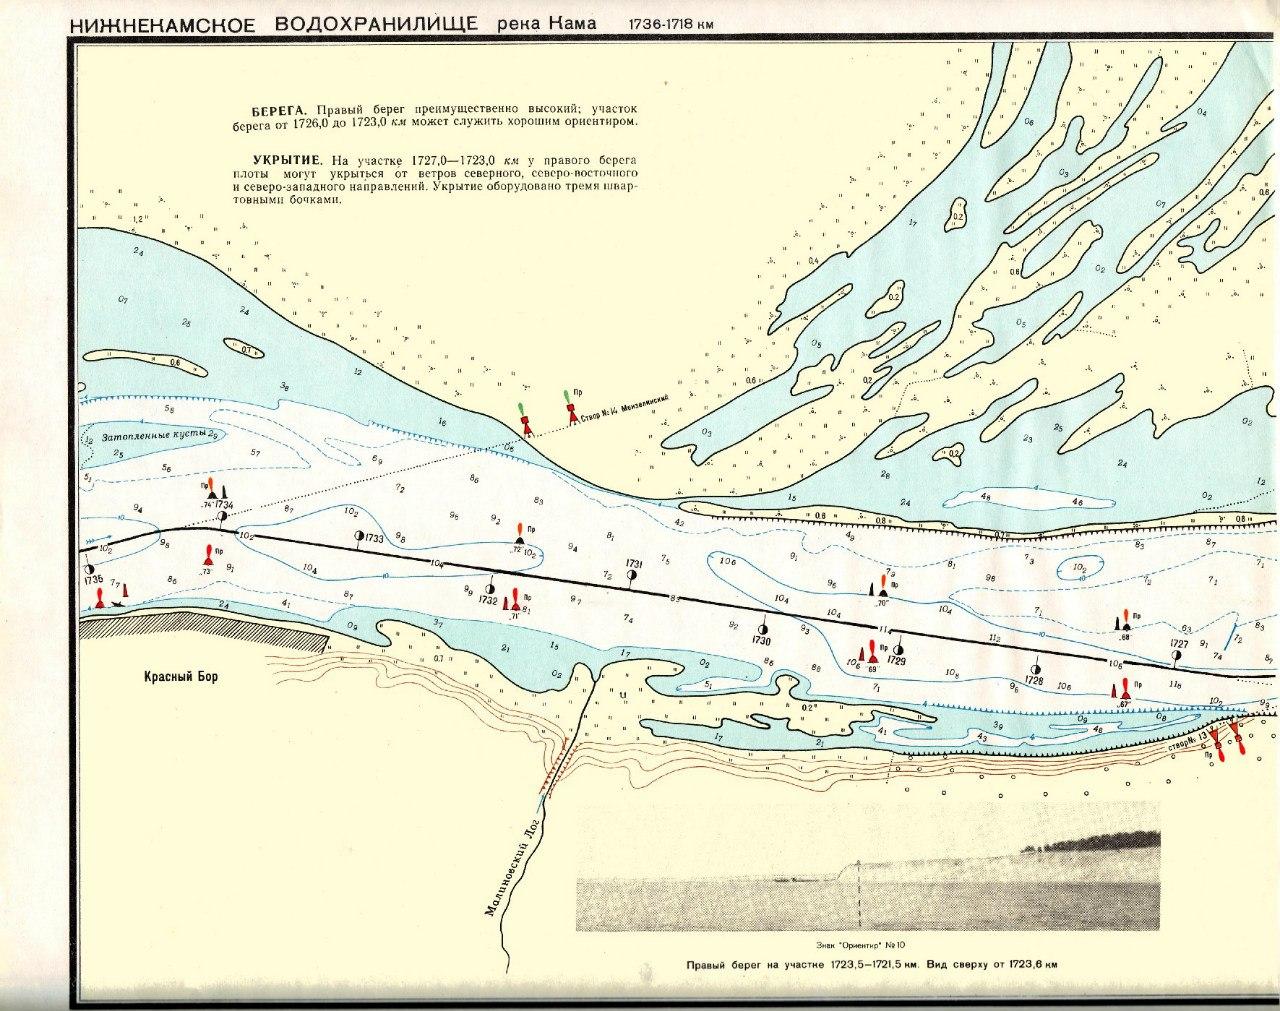 карта реки или рыбалка